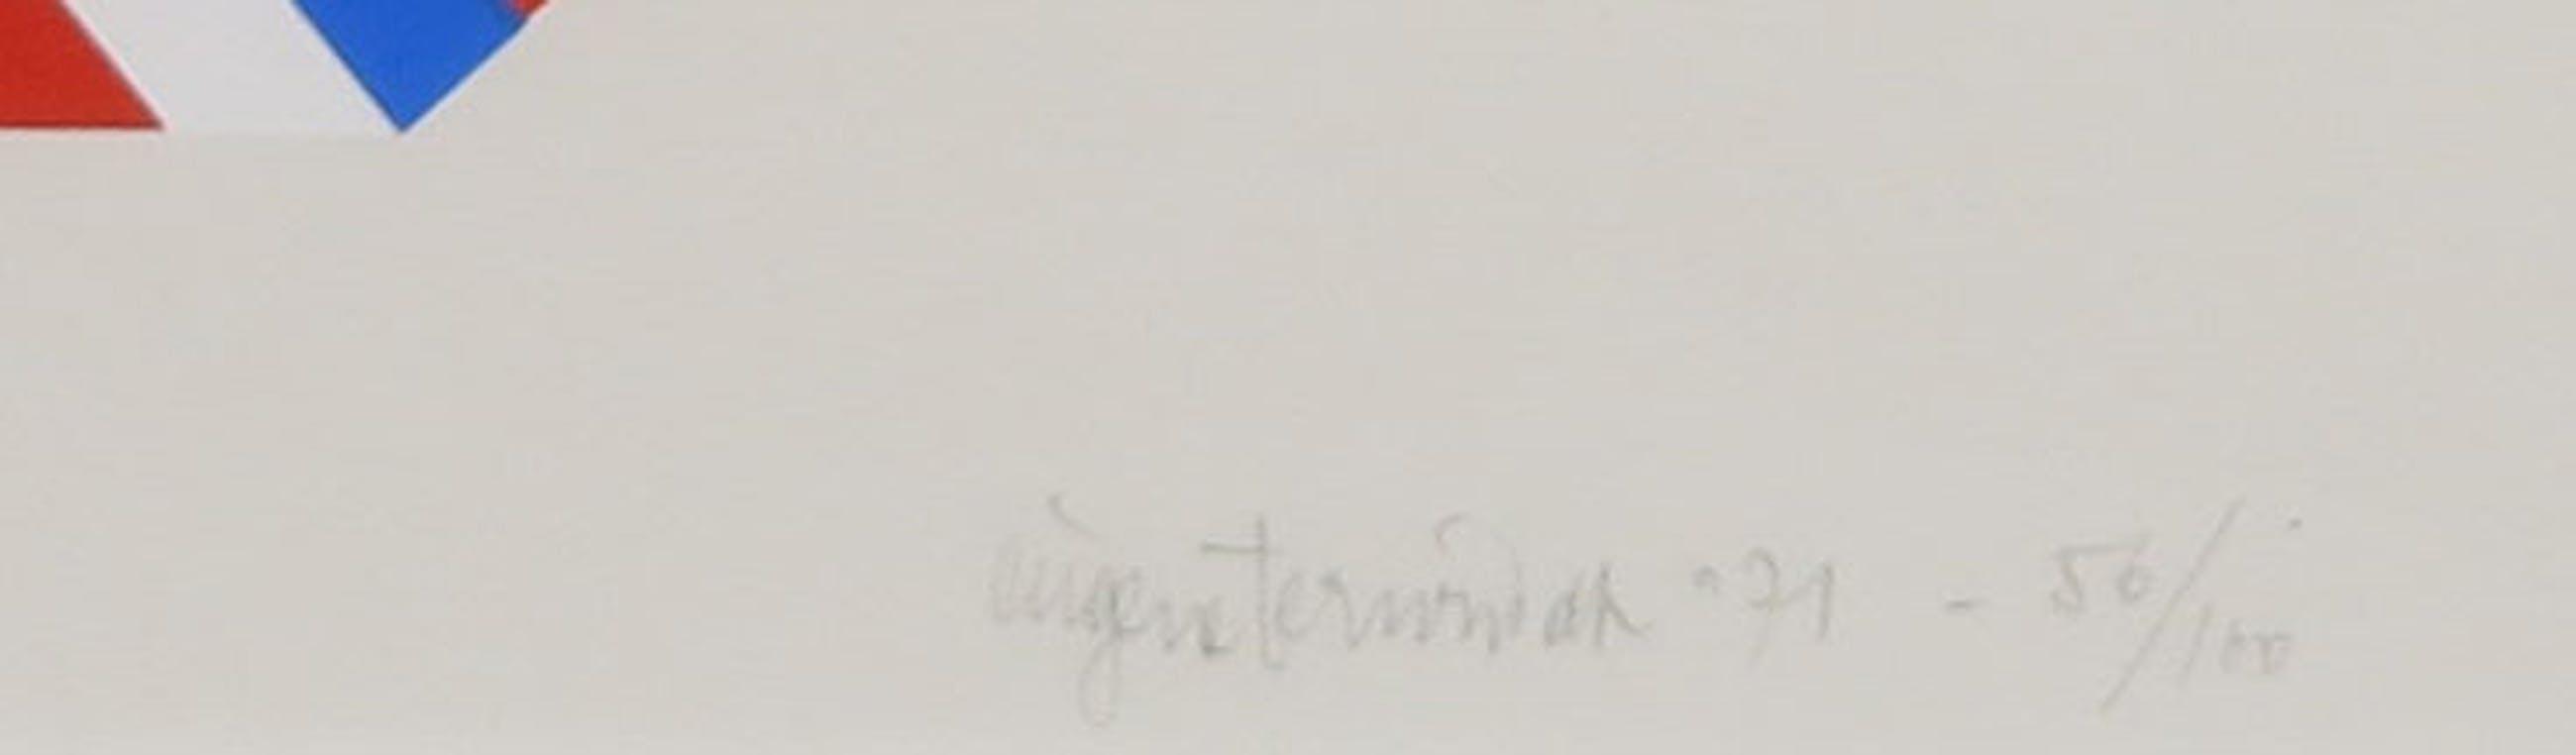 Eugene Terwindt - Zeefdruk, Geometrische compositie - Ingelijst kopen? Bied vanaf 35!